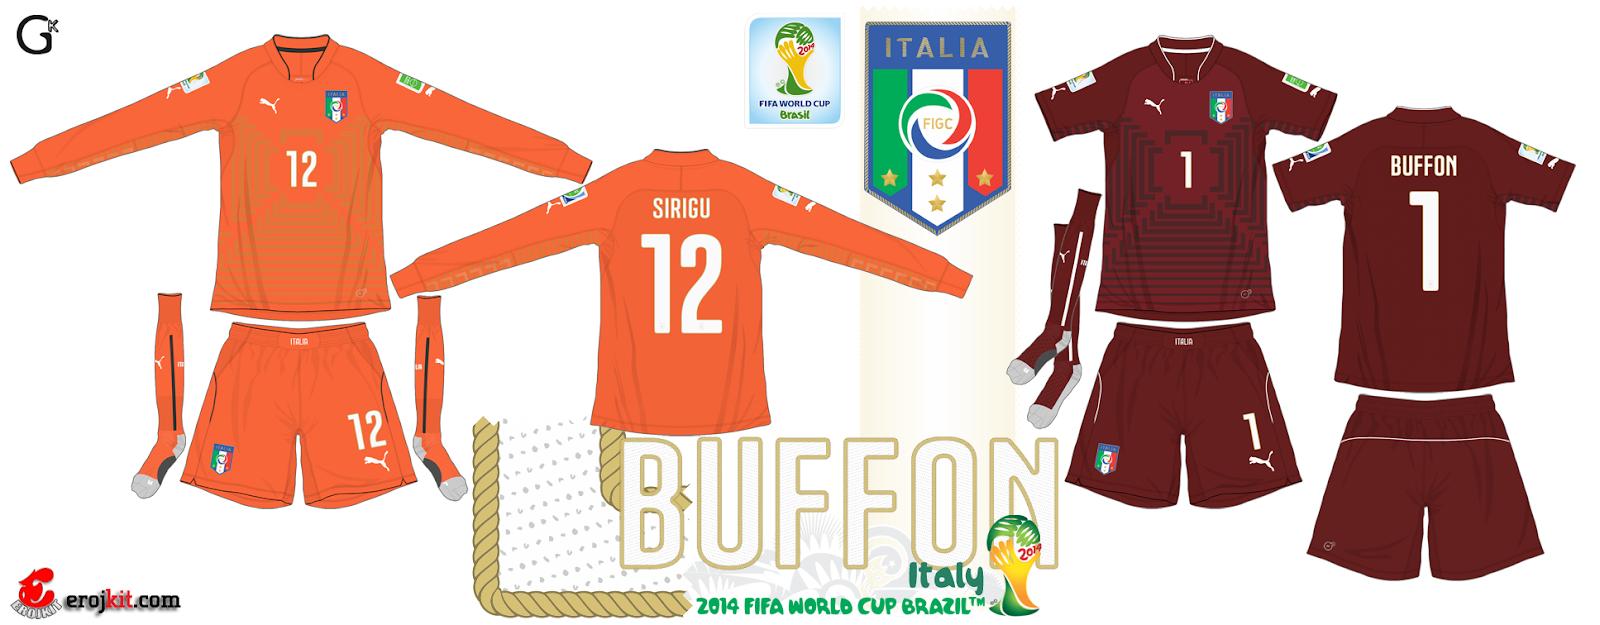 Não sei se todas as camisas usadas pela Itália na Copa tem esse detalhe. Se  alguém souber de algo me avise. 762ad3fd464c5